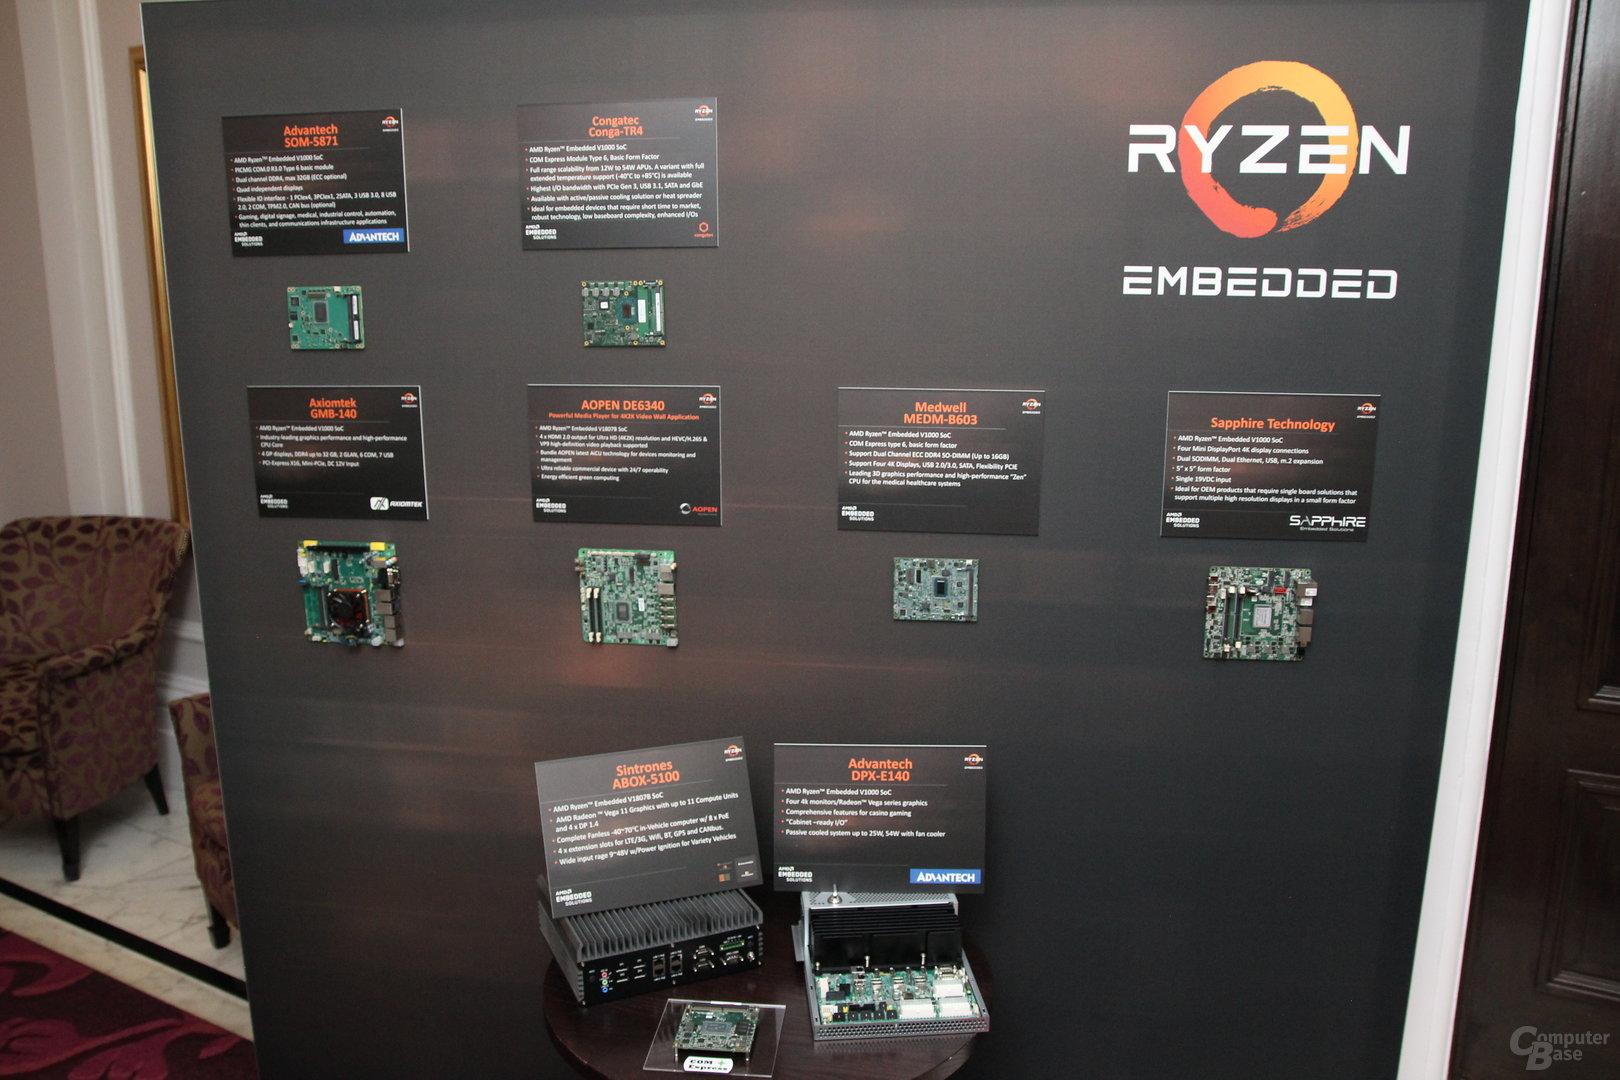 Epyc 3000/Ryzen V1000: AMD bringt Zen mit 16 Kernen und Vega